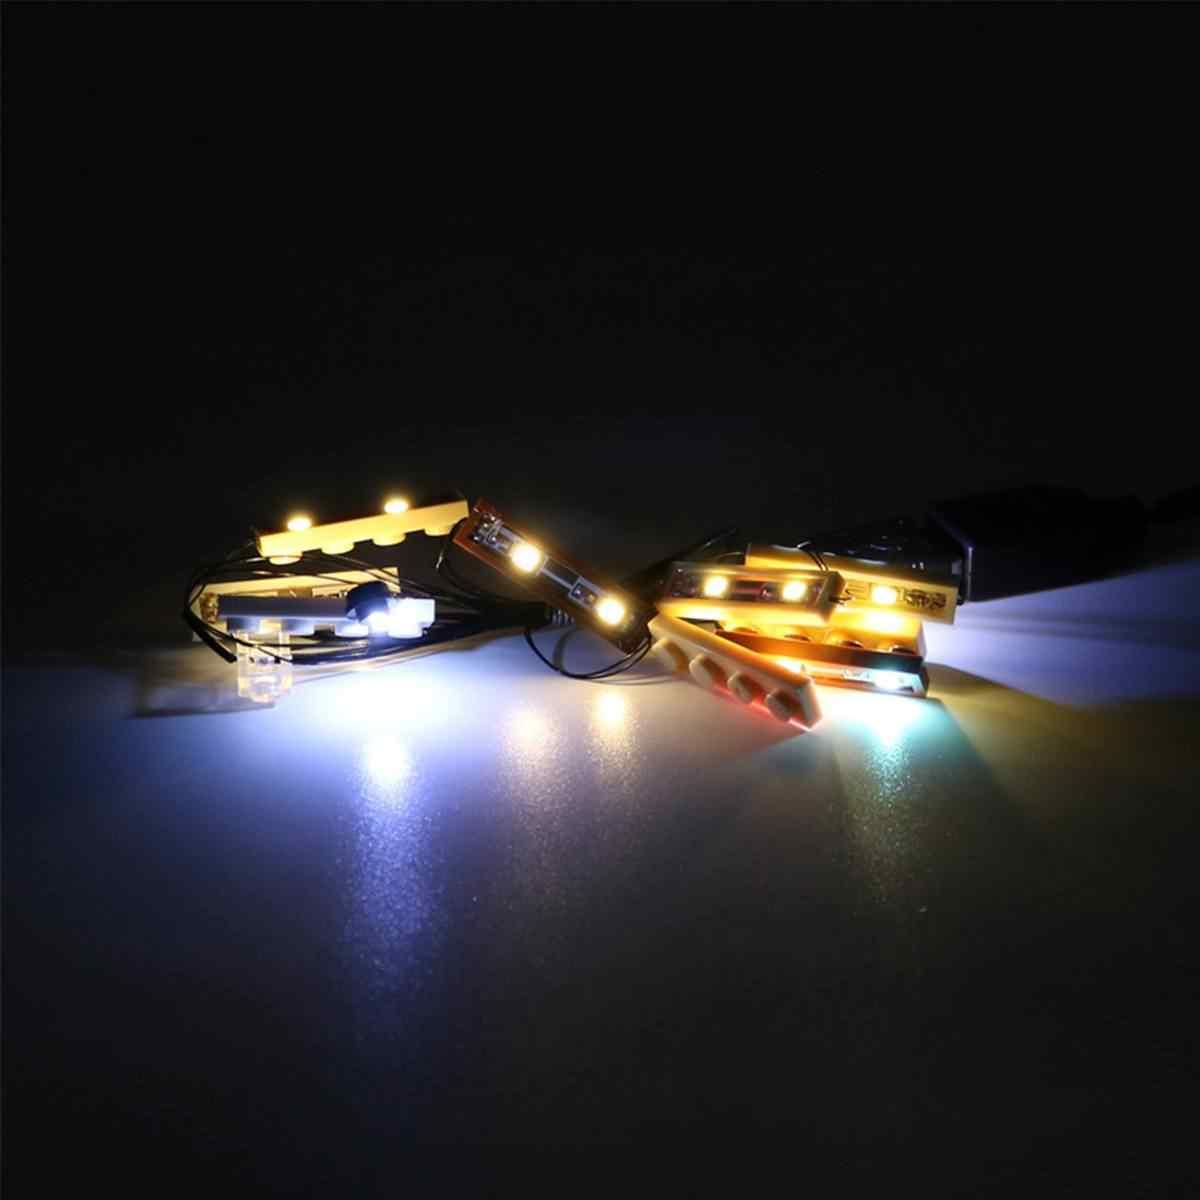 LED zestaw oświetlenia tylko dla obsługi Lego 21310 dla rybaka kabiny dla, będzie to doskonały zakup klocki klocki zabawki (Model nie jest wliczony w cenę)